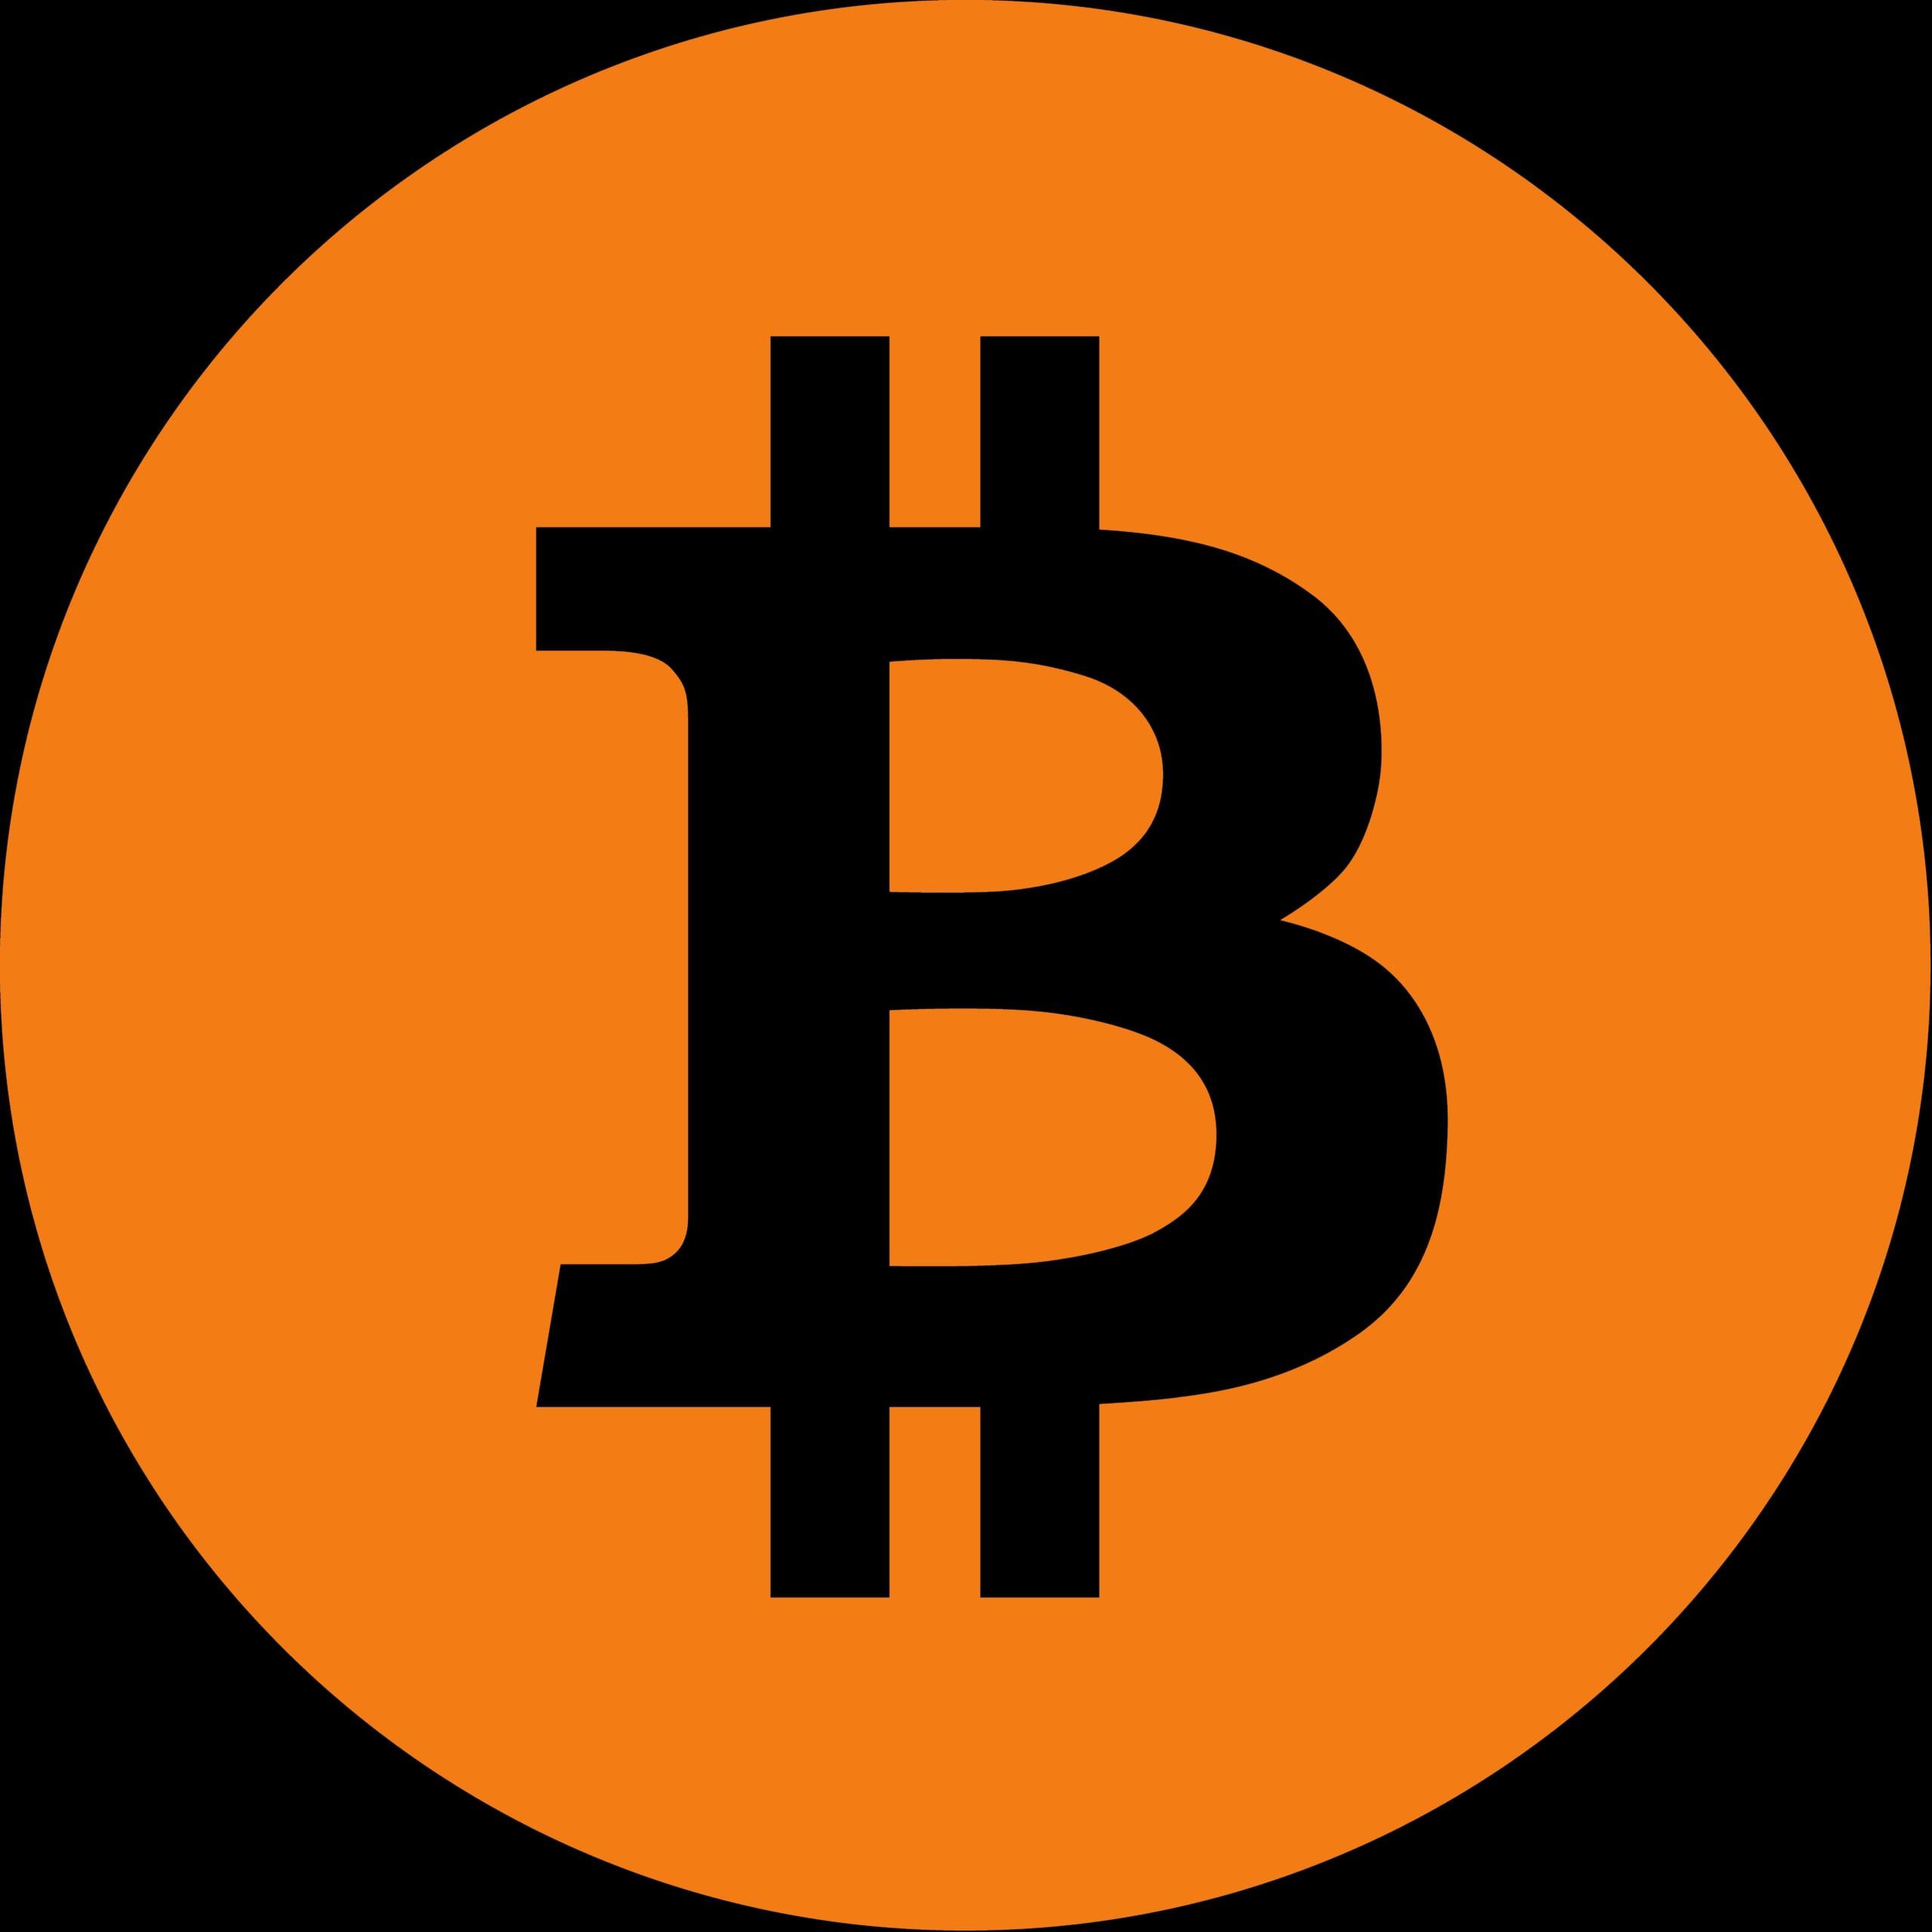 もう銀行でお金を借りる必要はない!「ブロックチェーン」×「スマートコントラクト」